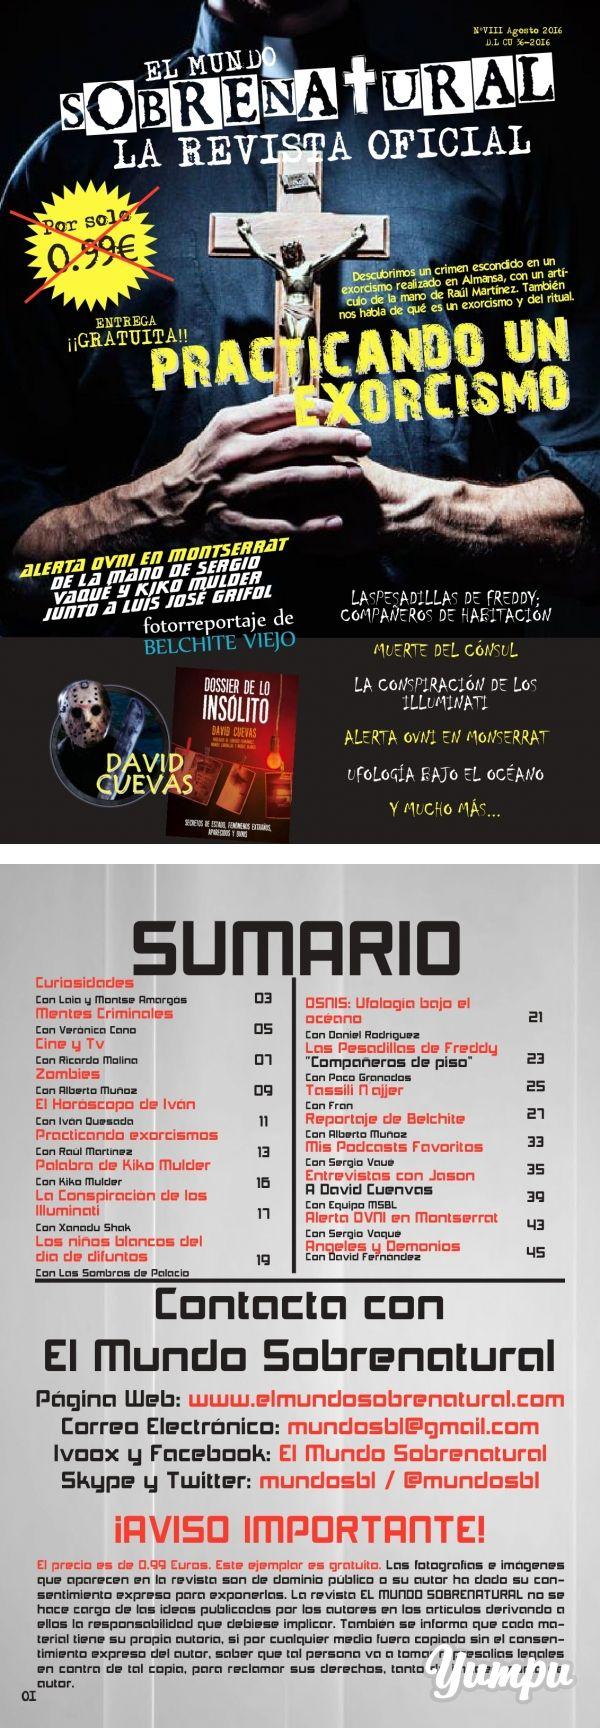 El Mundo Sobrenatural Agosto 2016 - Practicando un exorcismo - Magazine with 47…